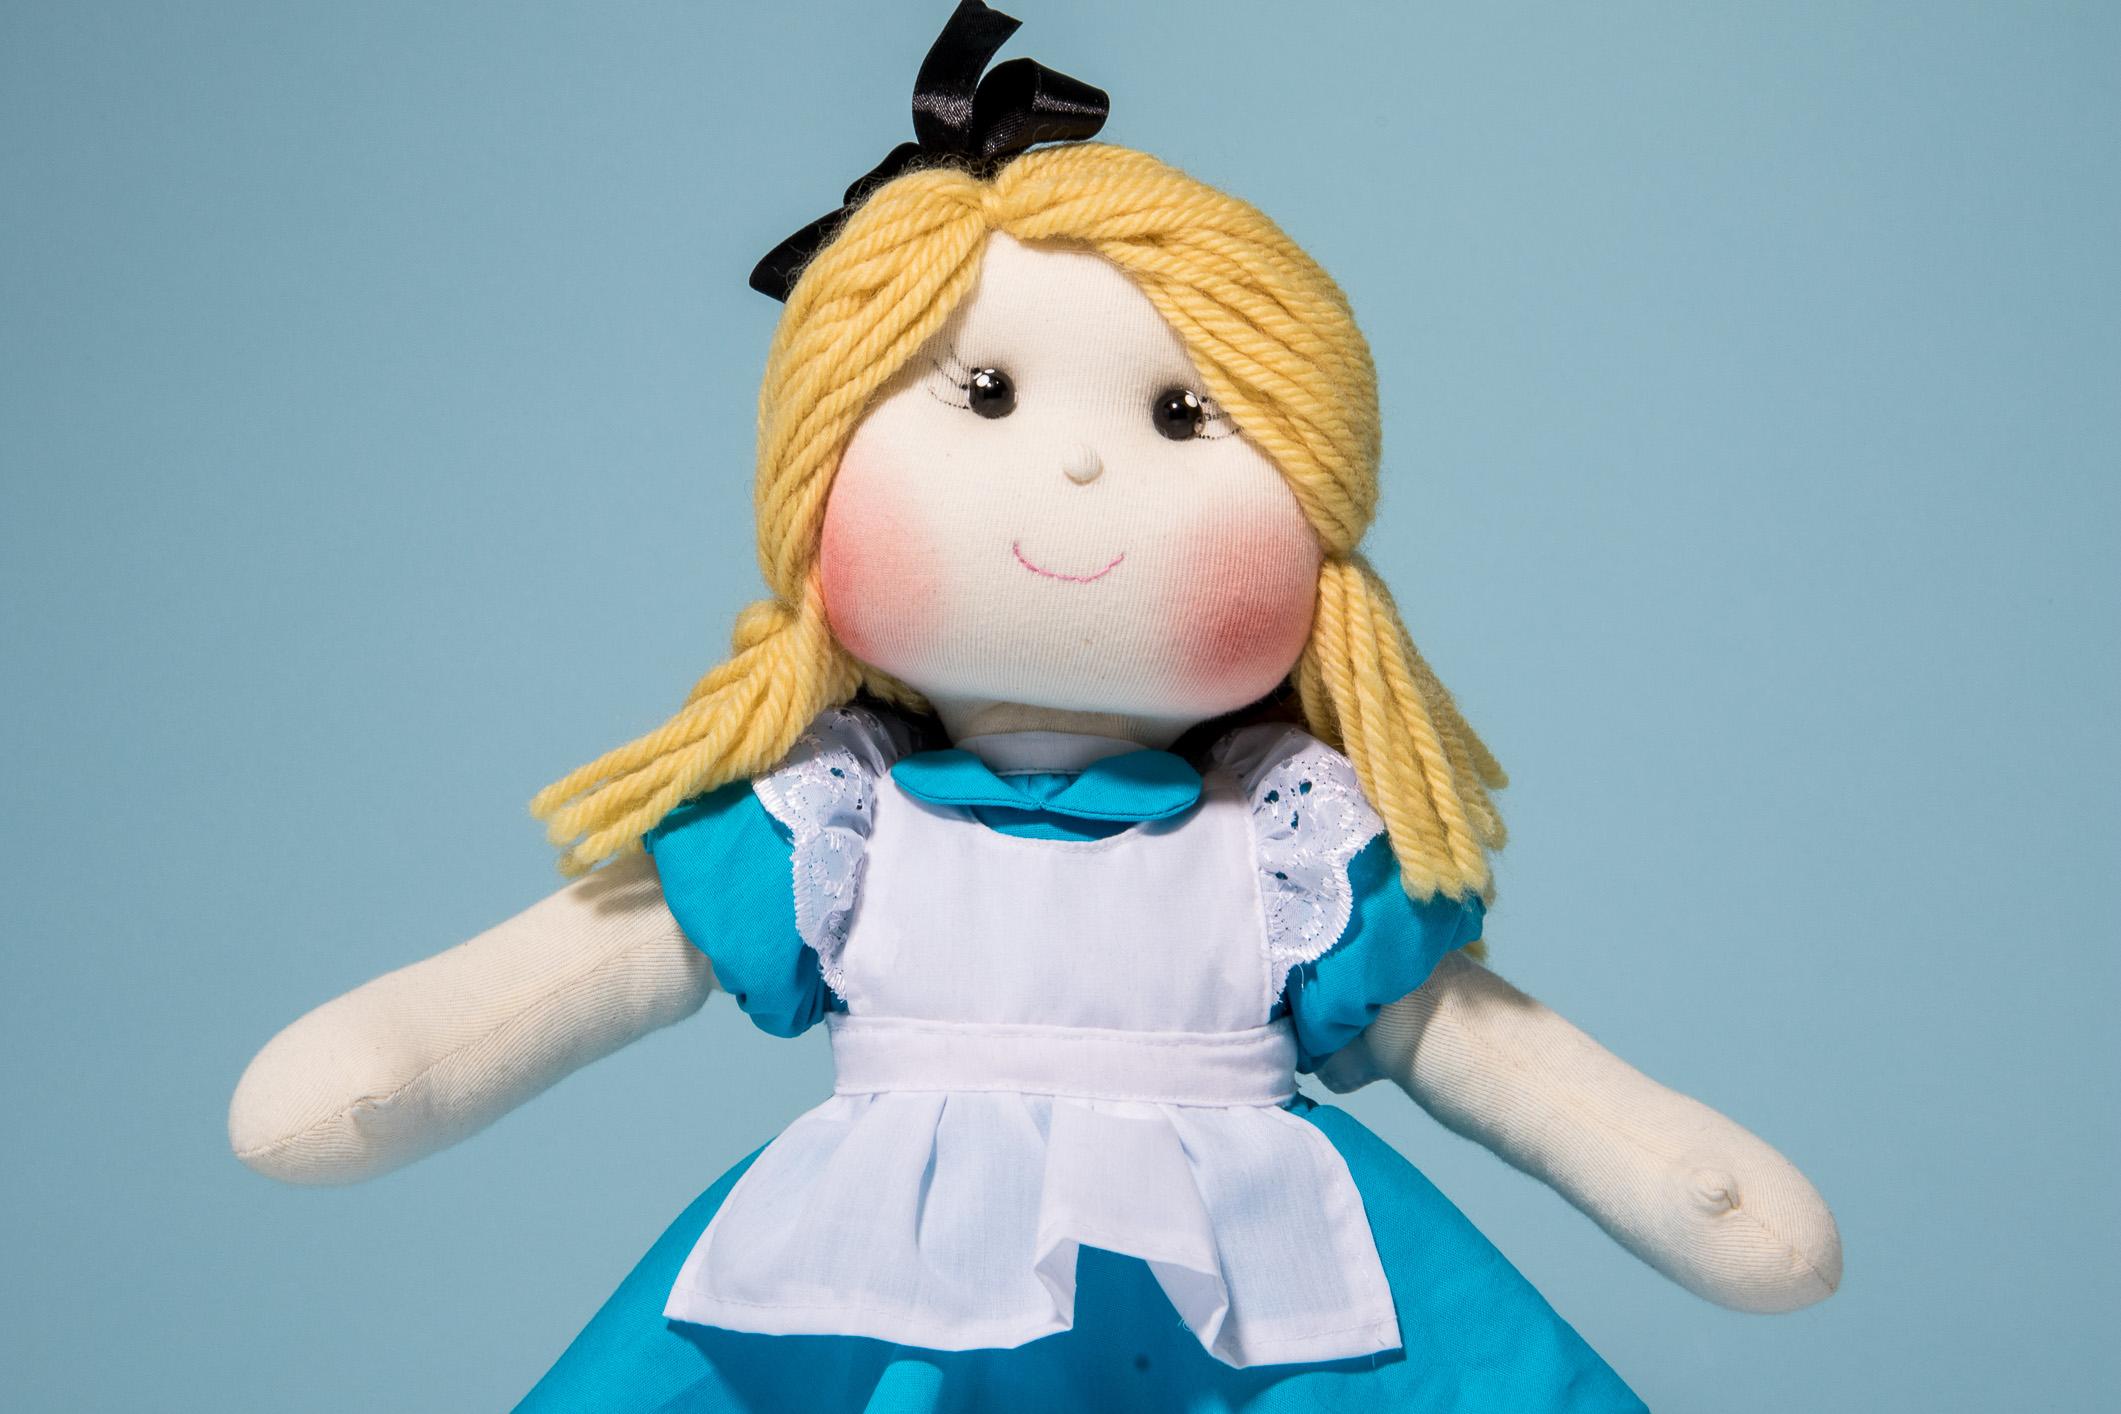 Repara só na delicadeza do rostinho da Alice